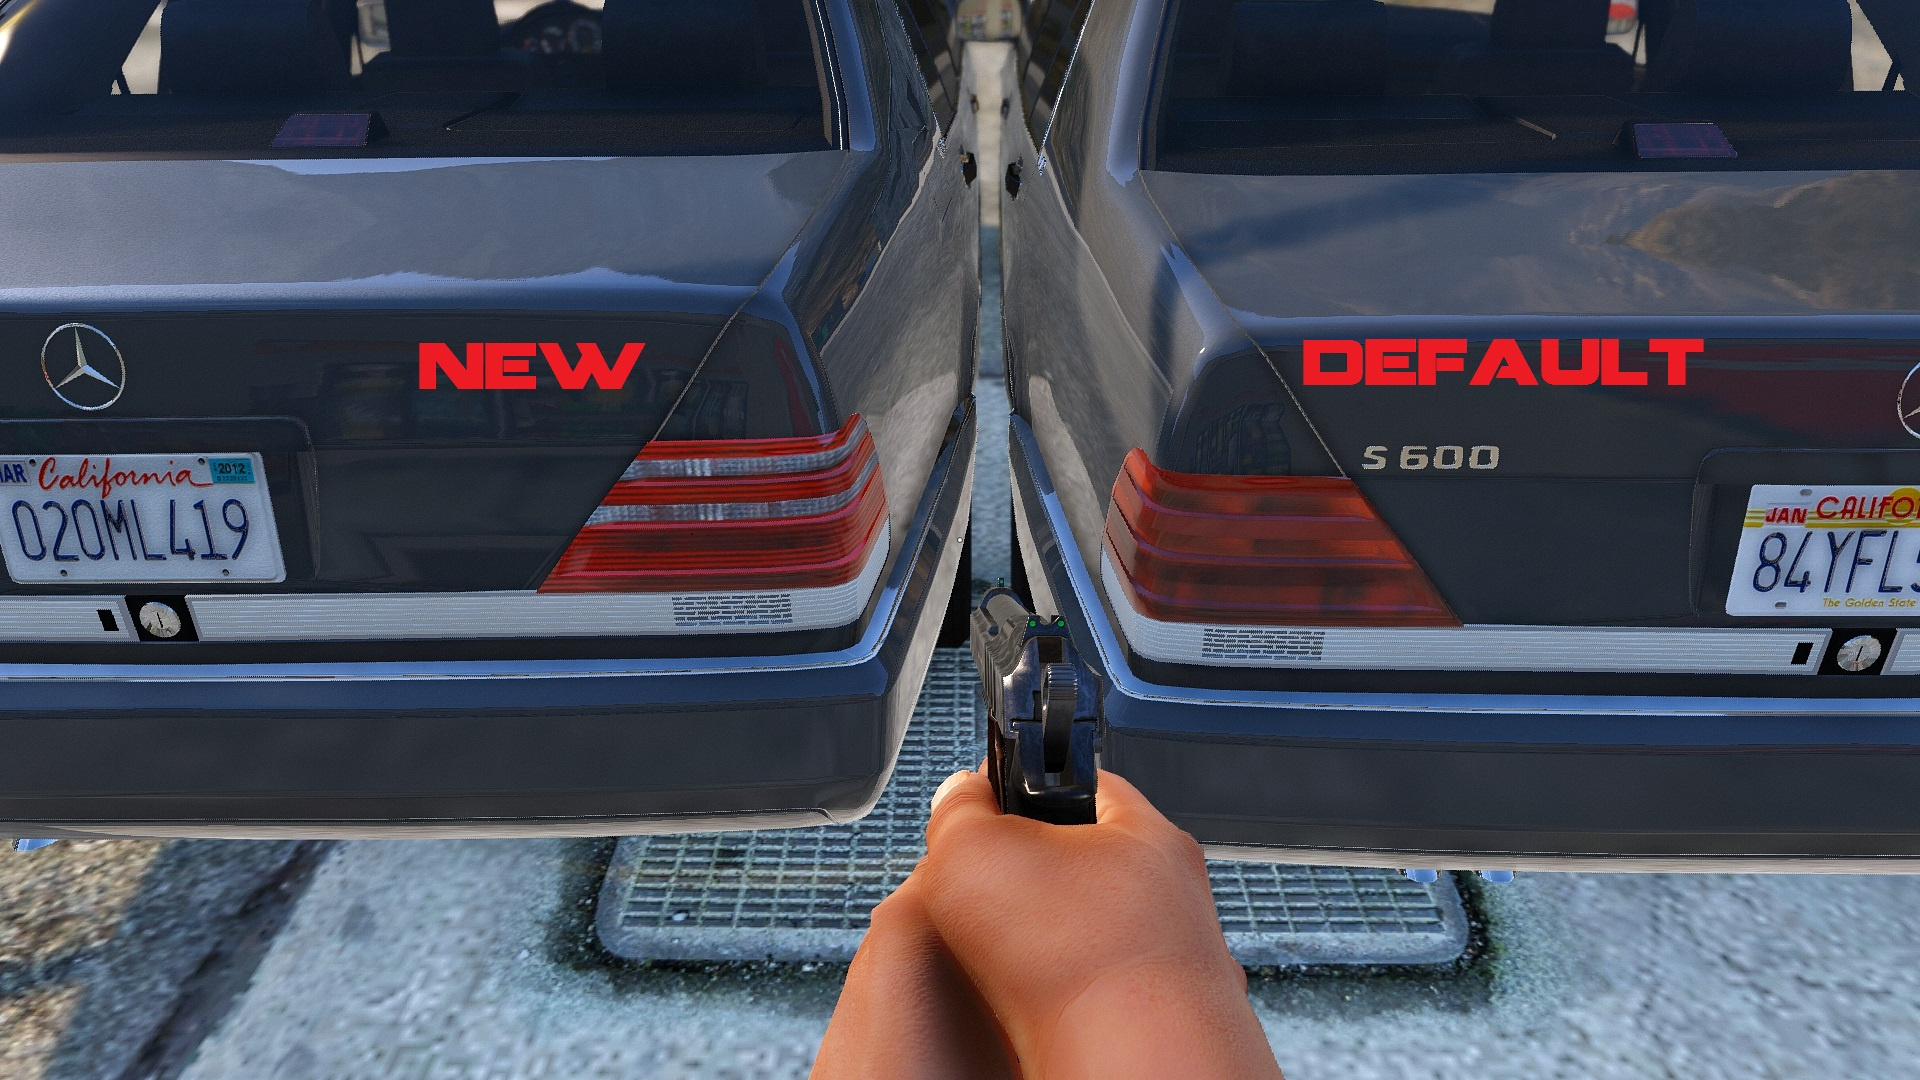 New Lights For Mercedes Benz S600 W140 Gta5 Mods Com